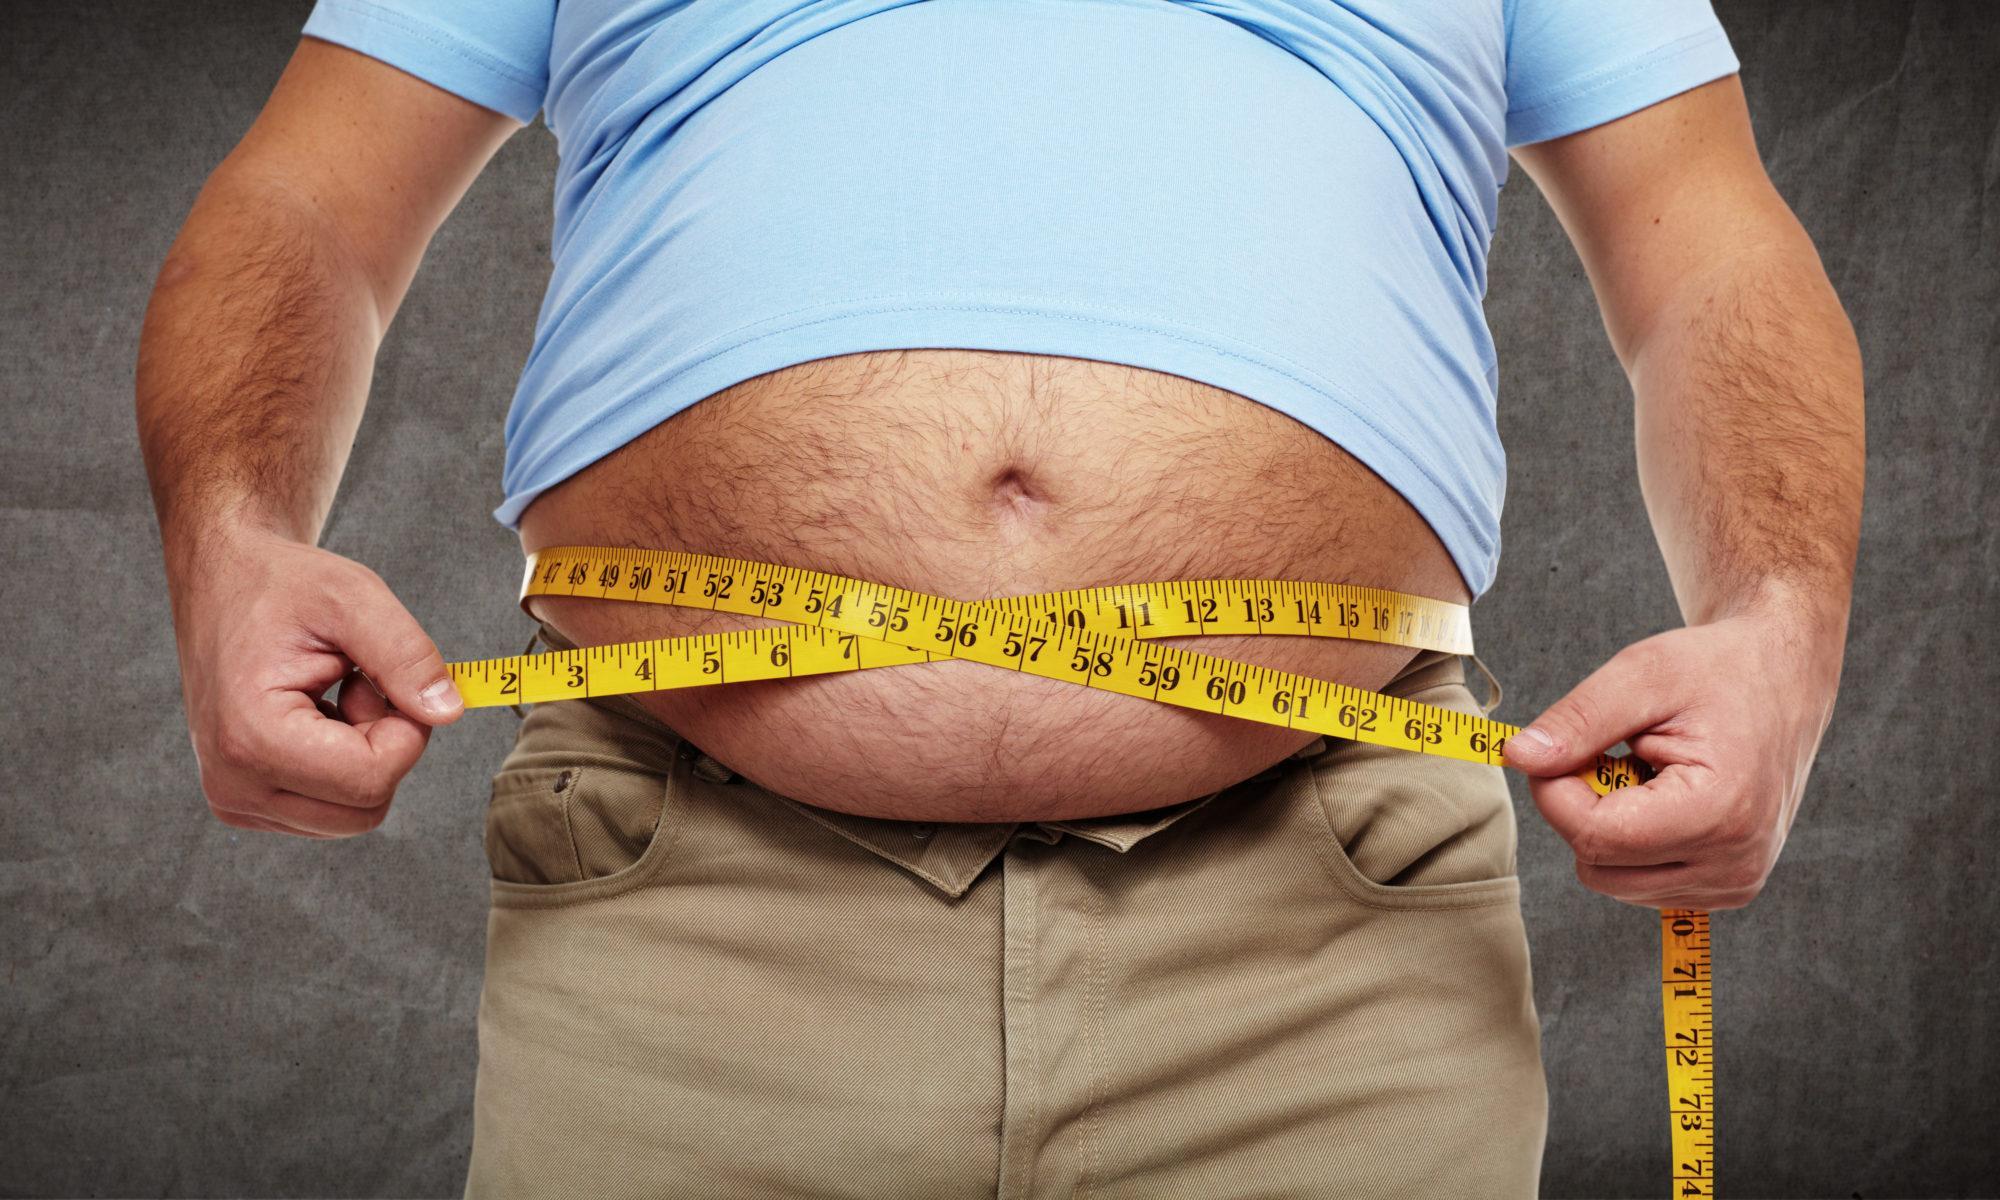 Антидепрессанты помогли сжечь жир на животе